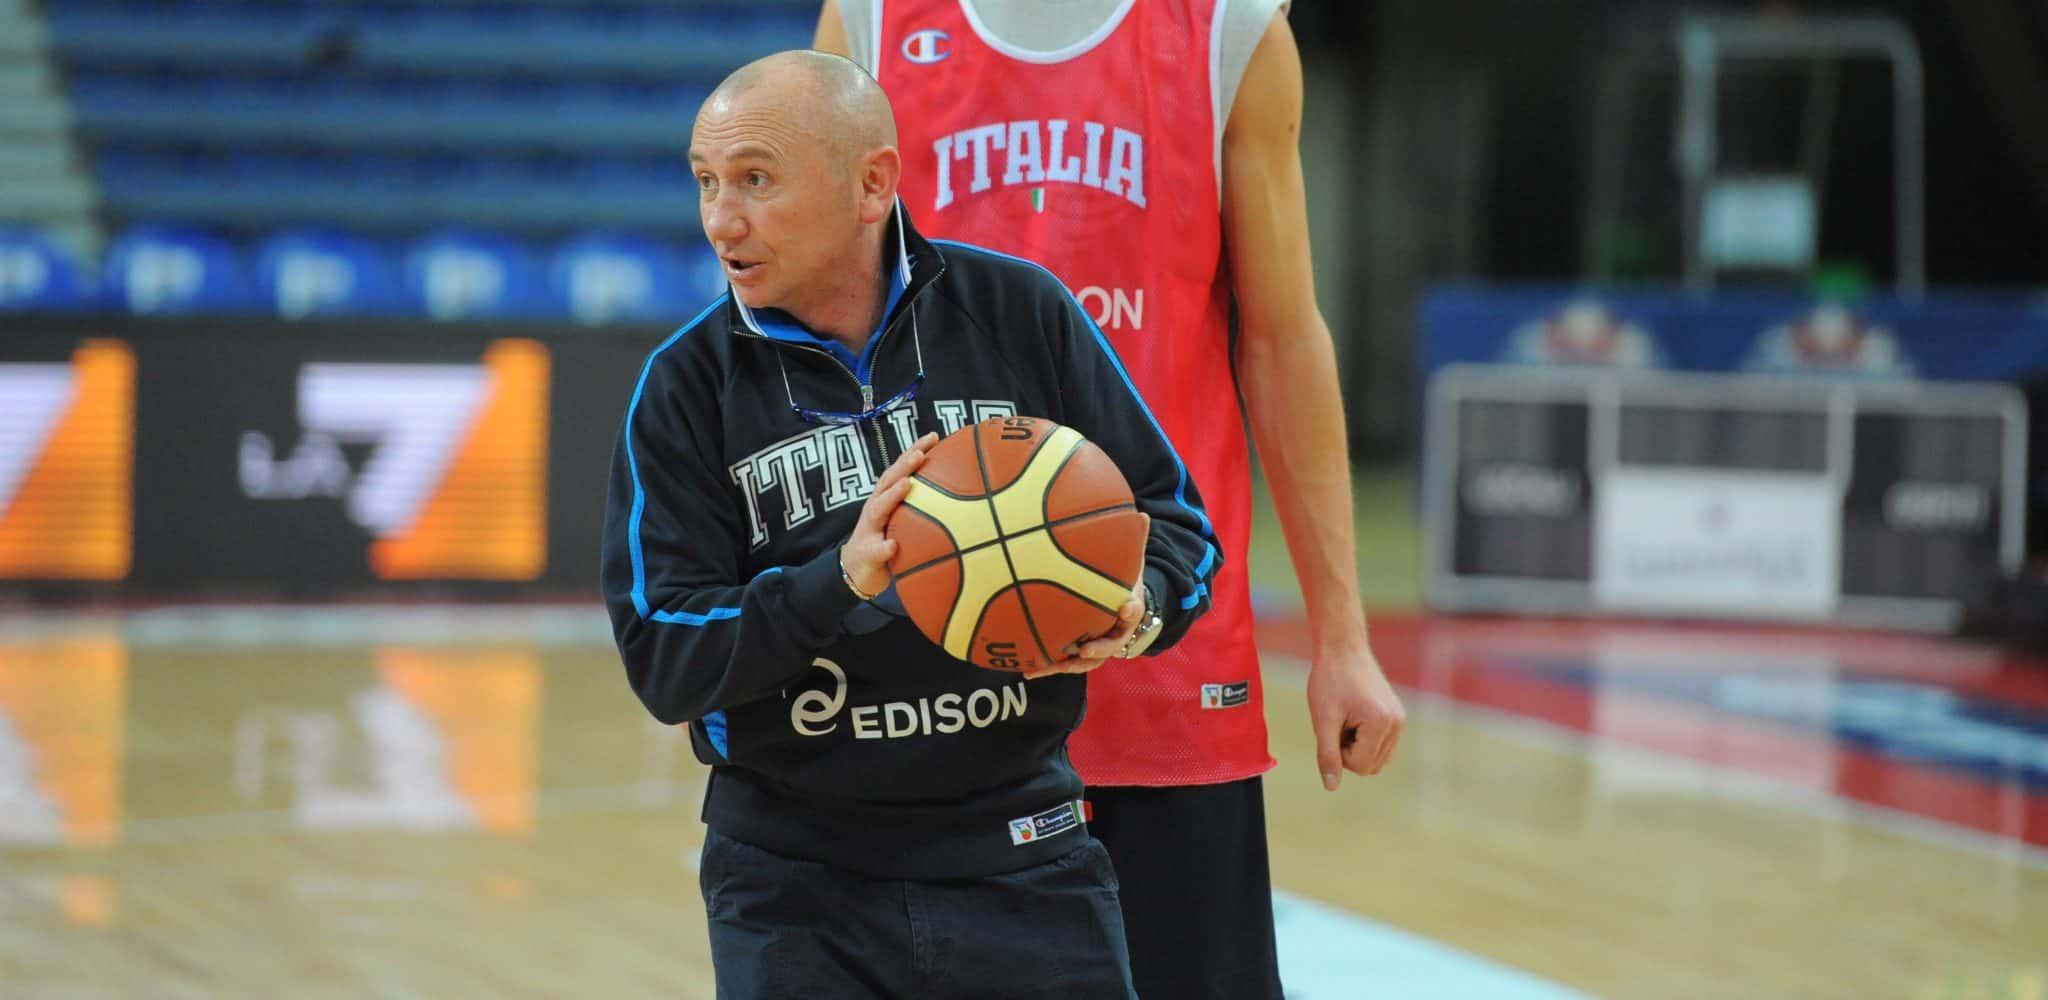 Luca Dalmonte